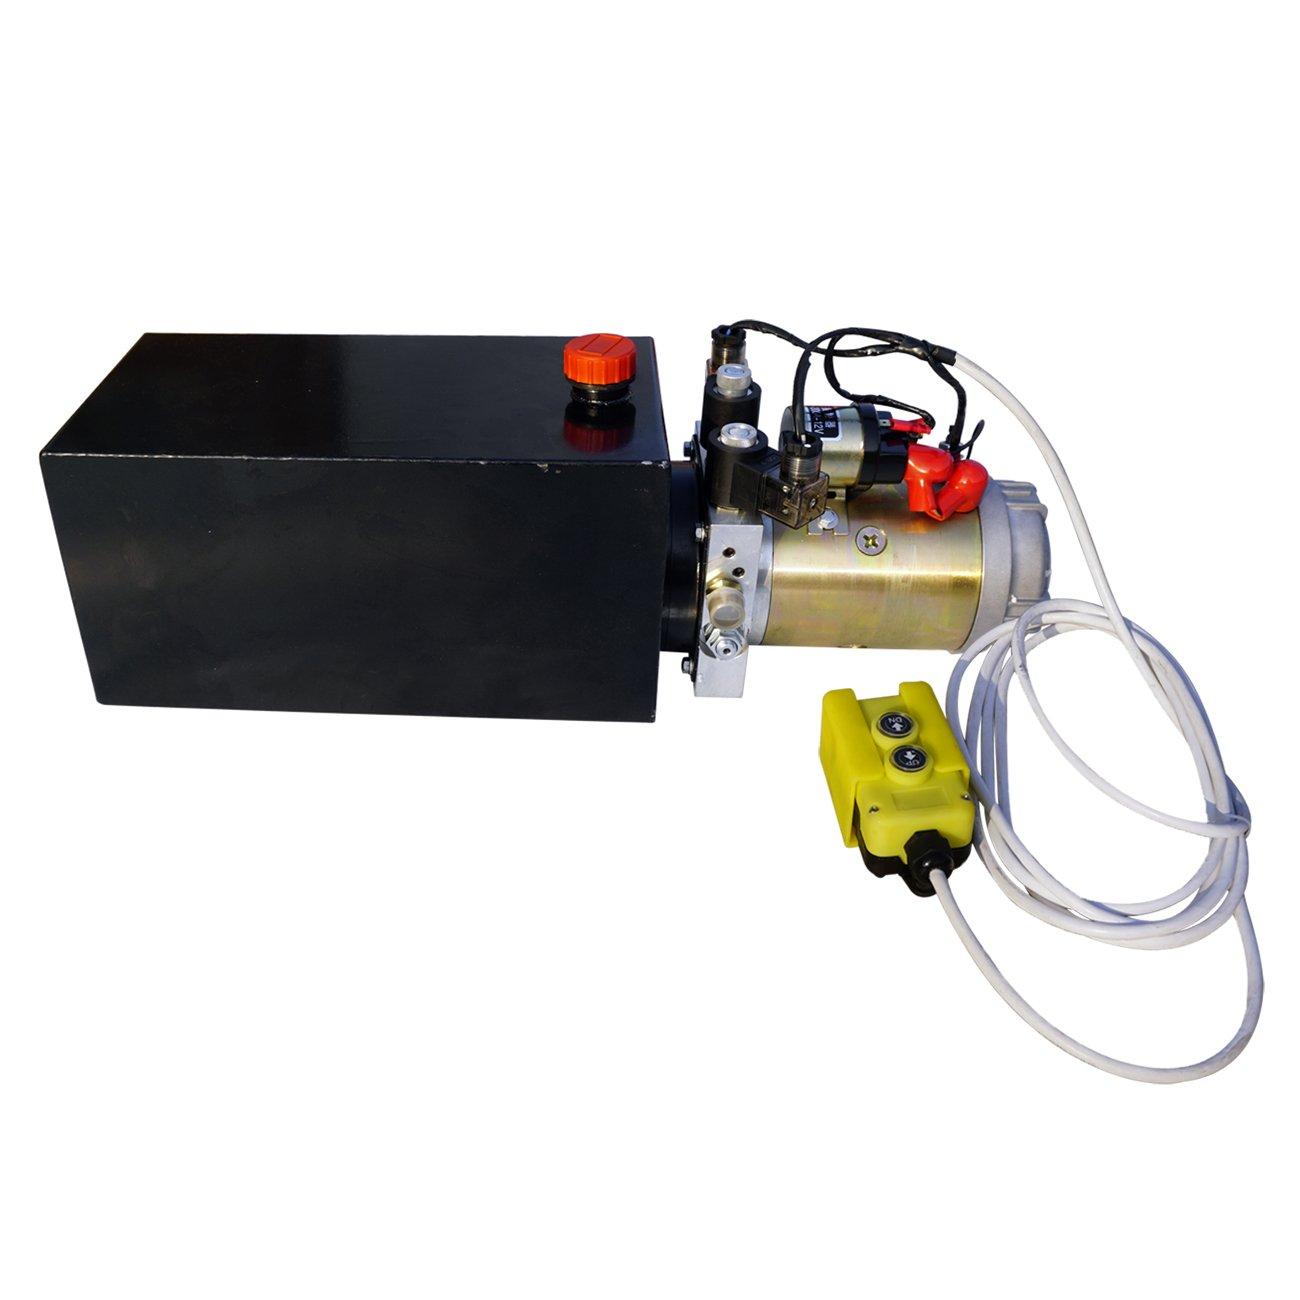 ECO-WORTHY Hydraulic Power Unit 10 Quart Pump Double Acting Hydraulic Power  12V DC Steel Tank Hydraulic Pump Power Unit for Dump Trailer Car Lifting